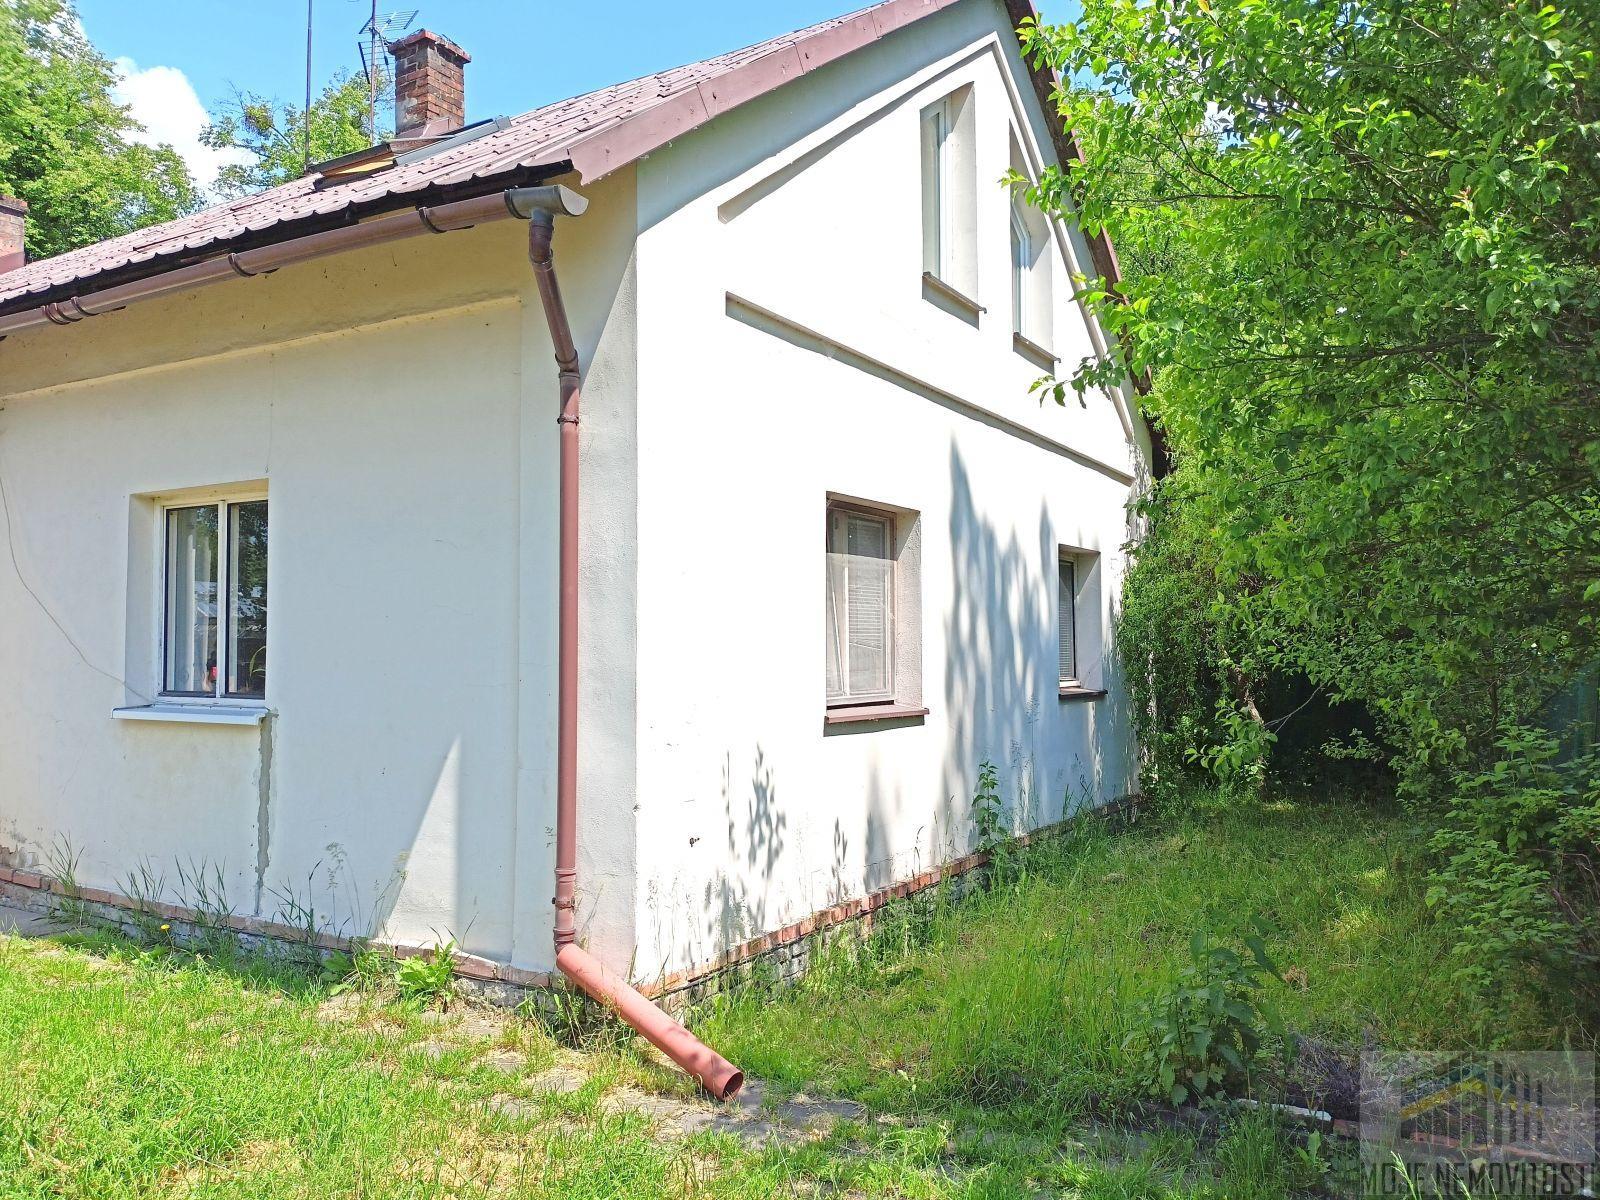 Prodej rodinného domu 240 m2 v Havířově, Bludovicích, pozemky 11235 m2